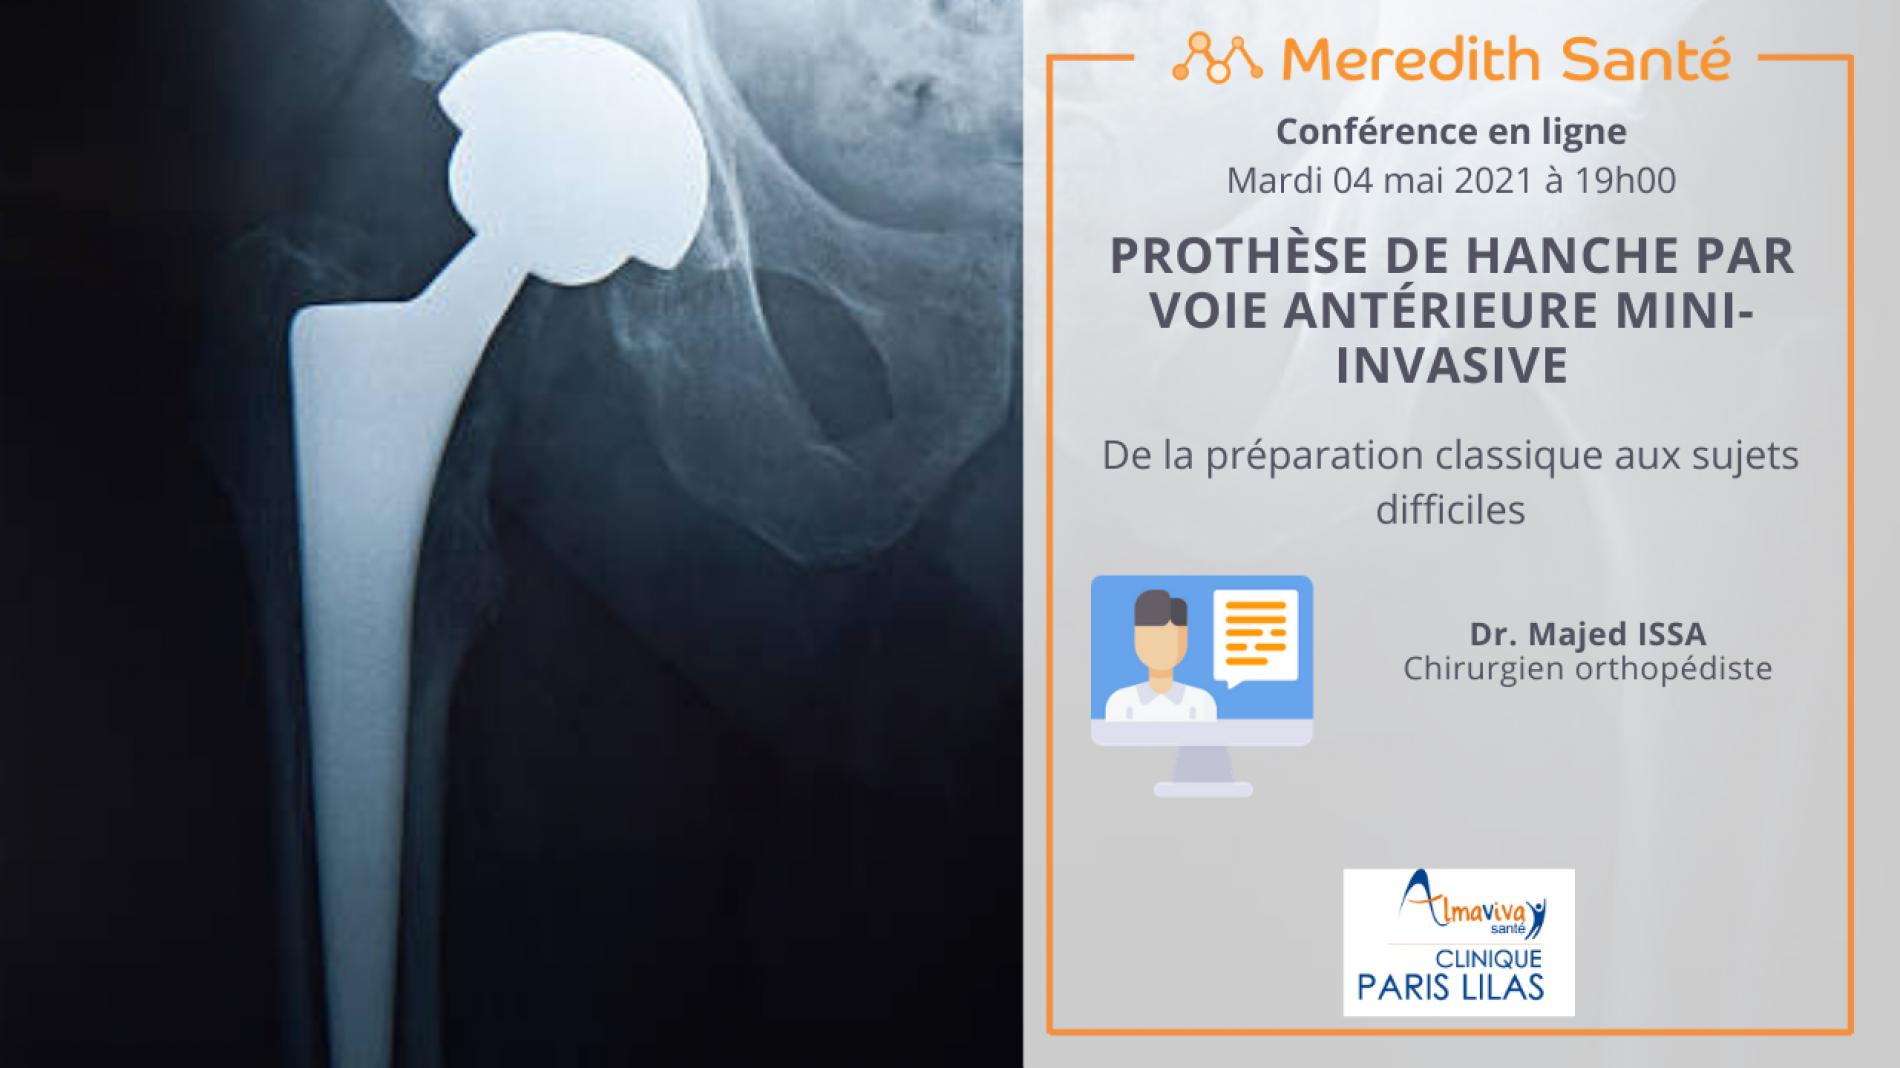 Webinaire : PROTHESE DE HANCHE PAR VOIE ANTERIEURE MINI-INVASIVE : DE LA PREPARATION CLASSIQUE AUX SUJETS DIFFICILES